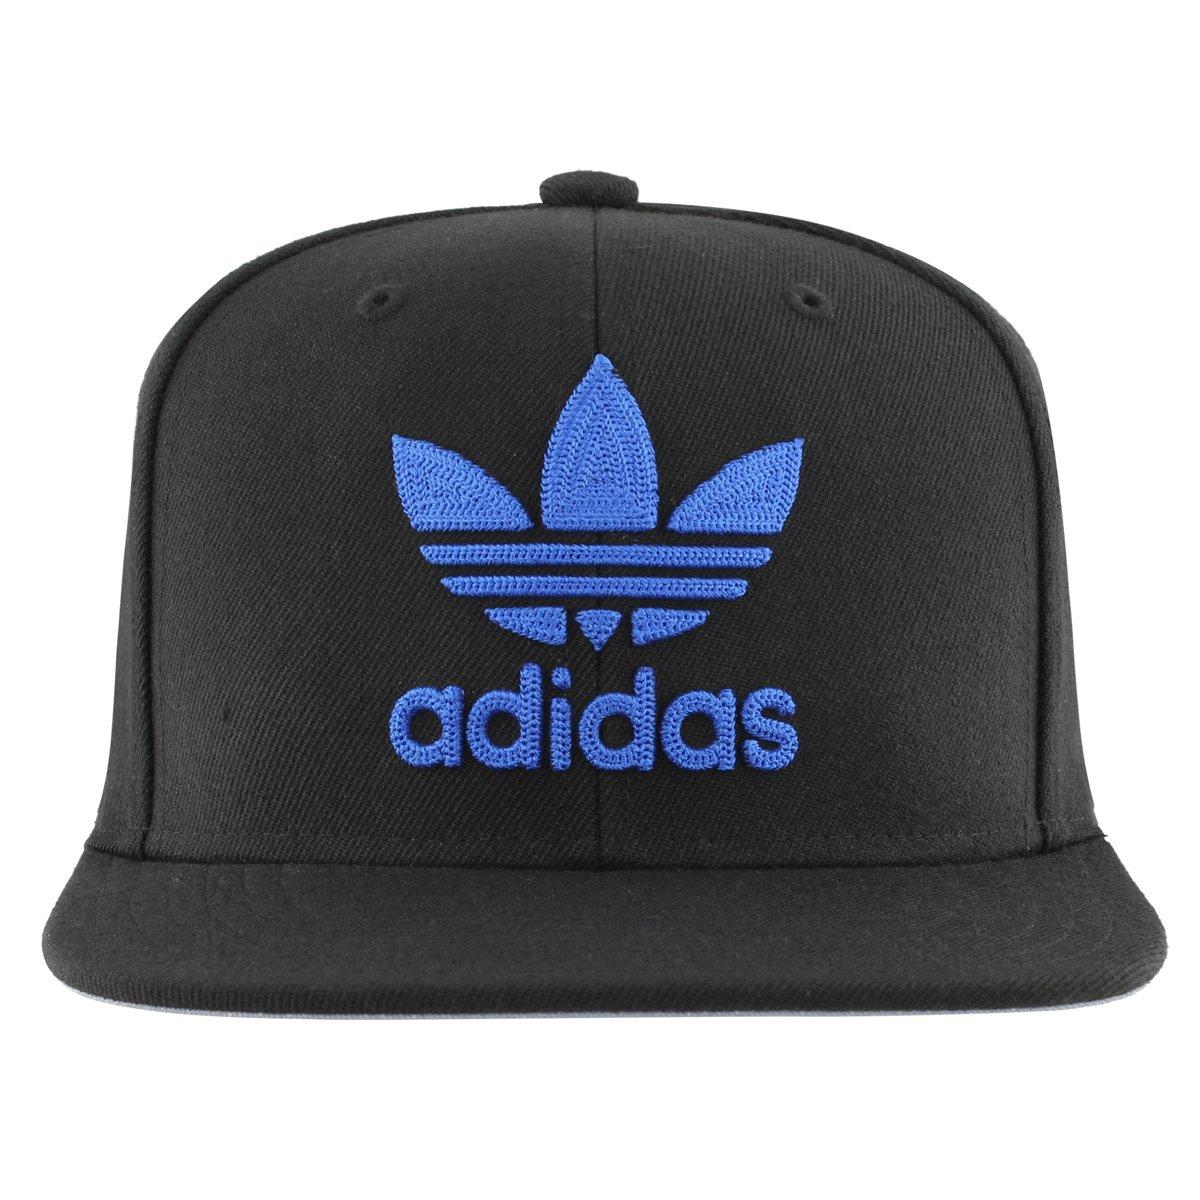 69cca48033c adidas Men s Originals Snapback Flatbrim Cap  Amazon.ca  Sports   Outdoors